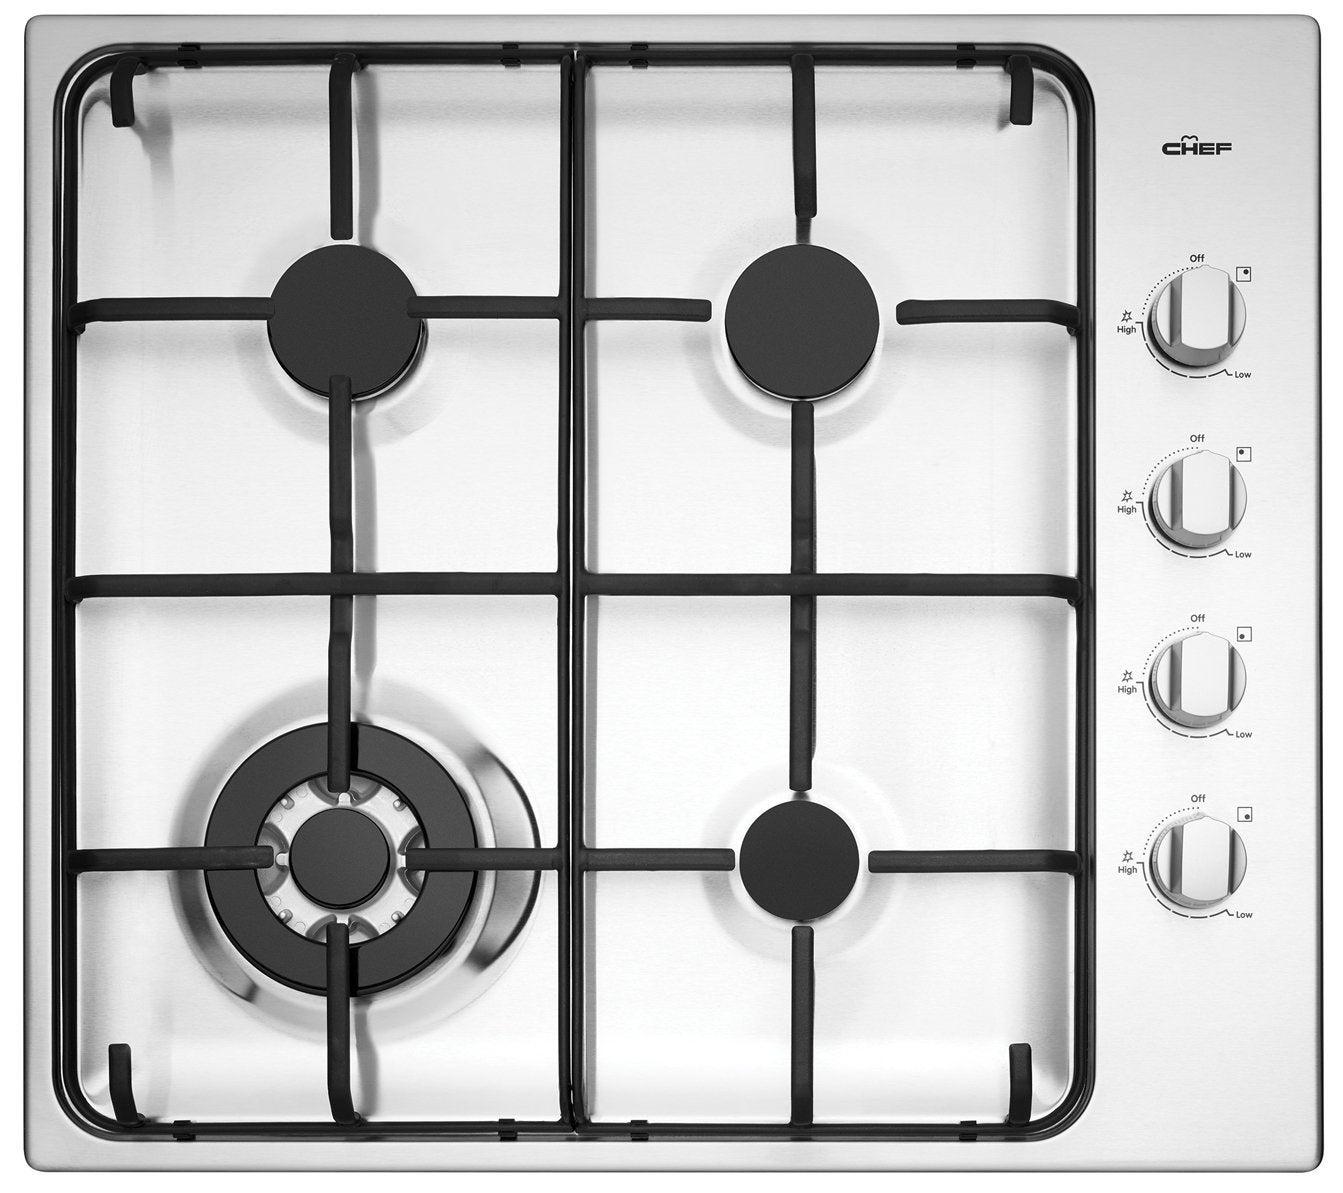 Chef CHG646SB Kitchen Cooktop